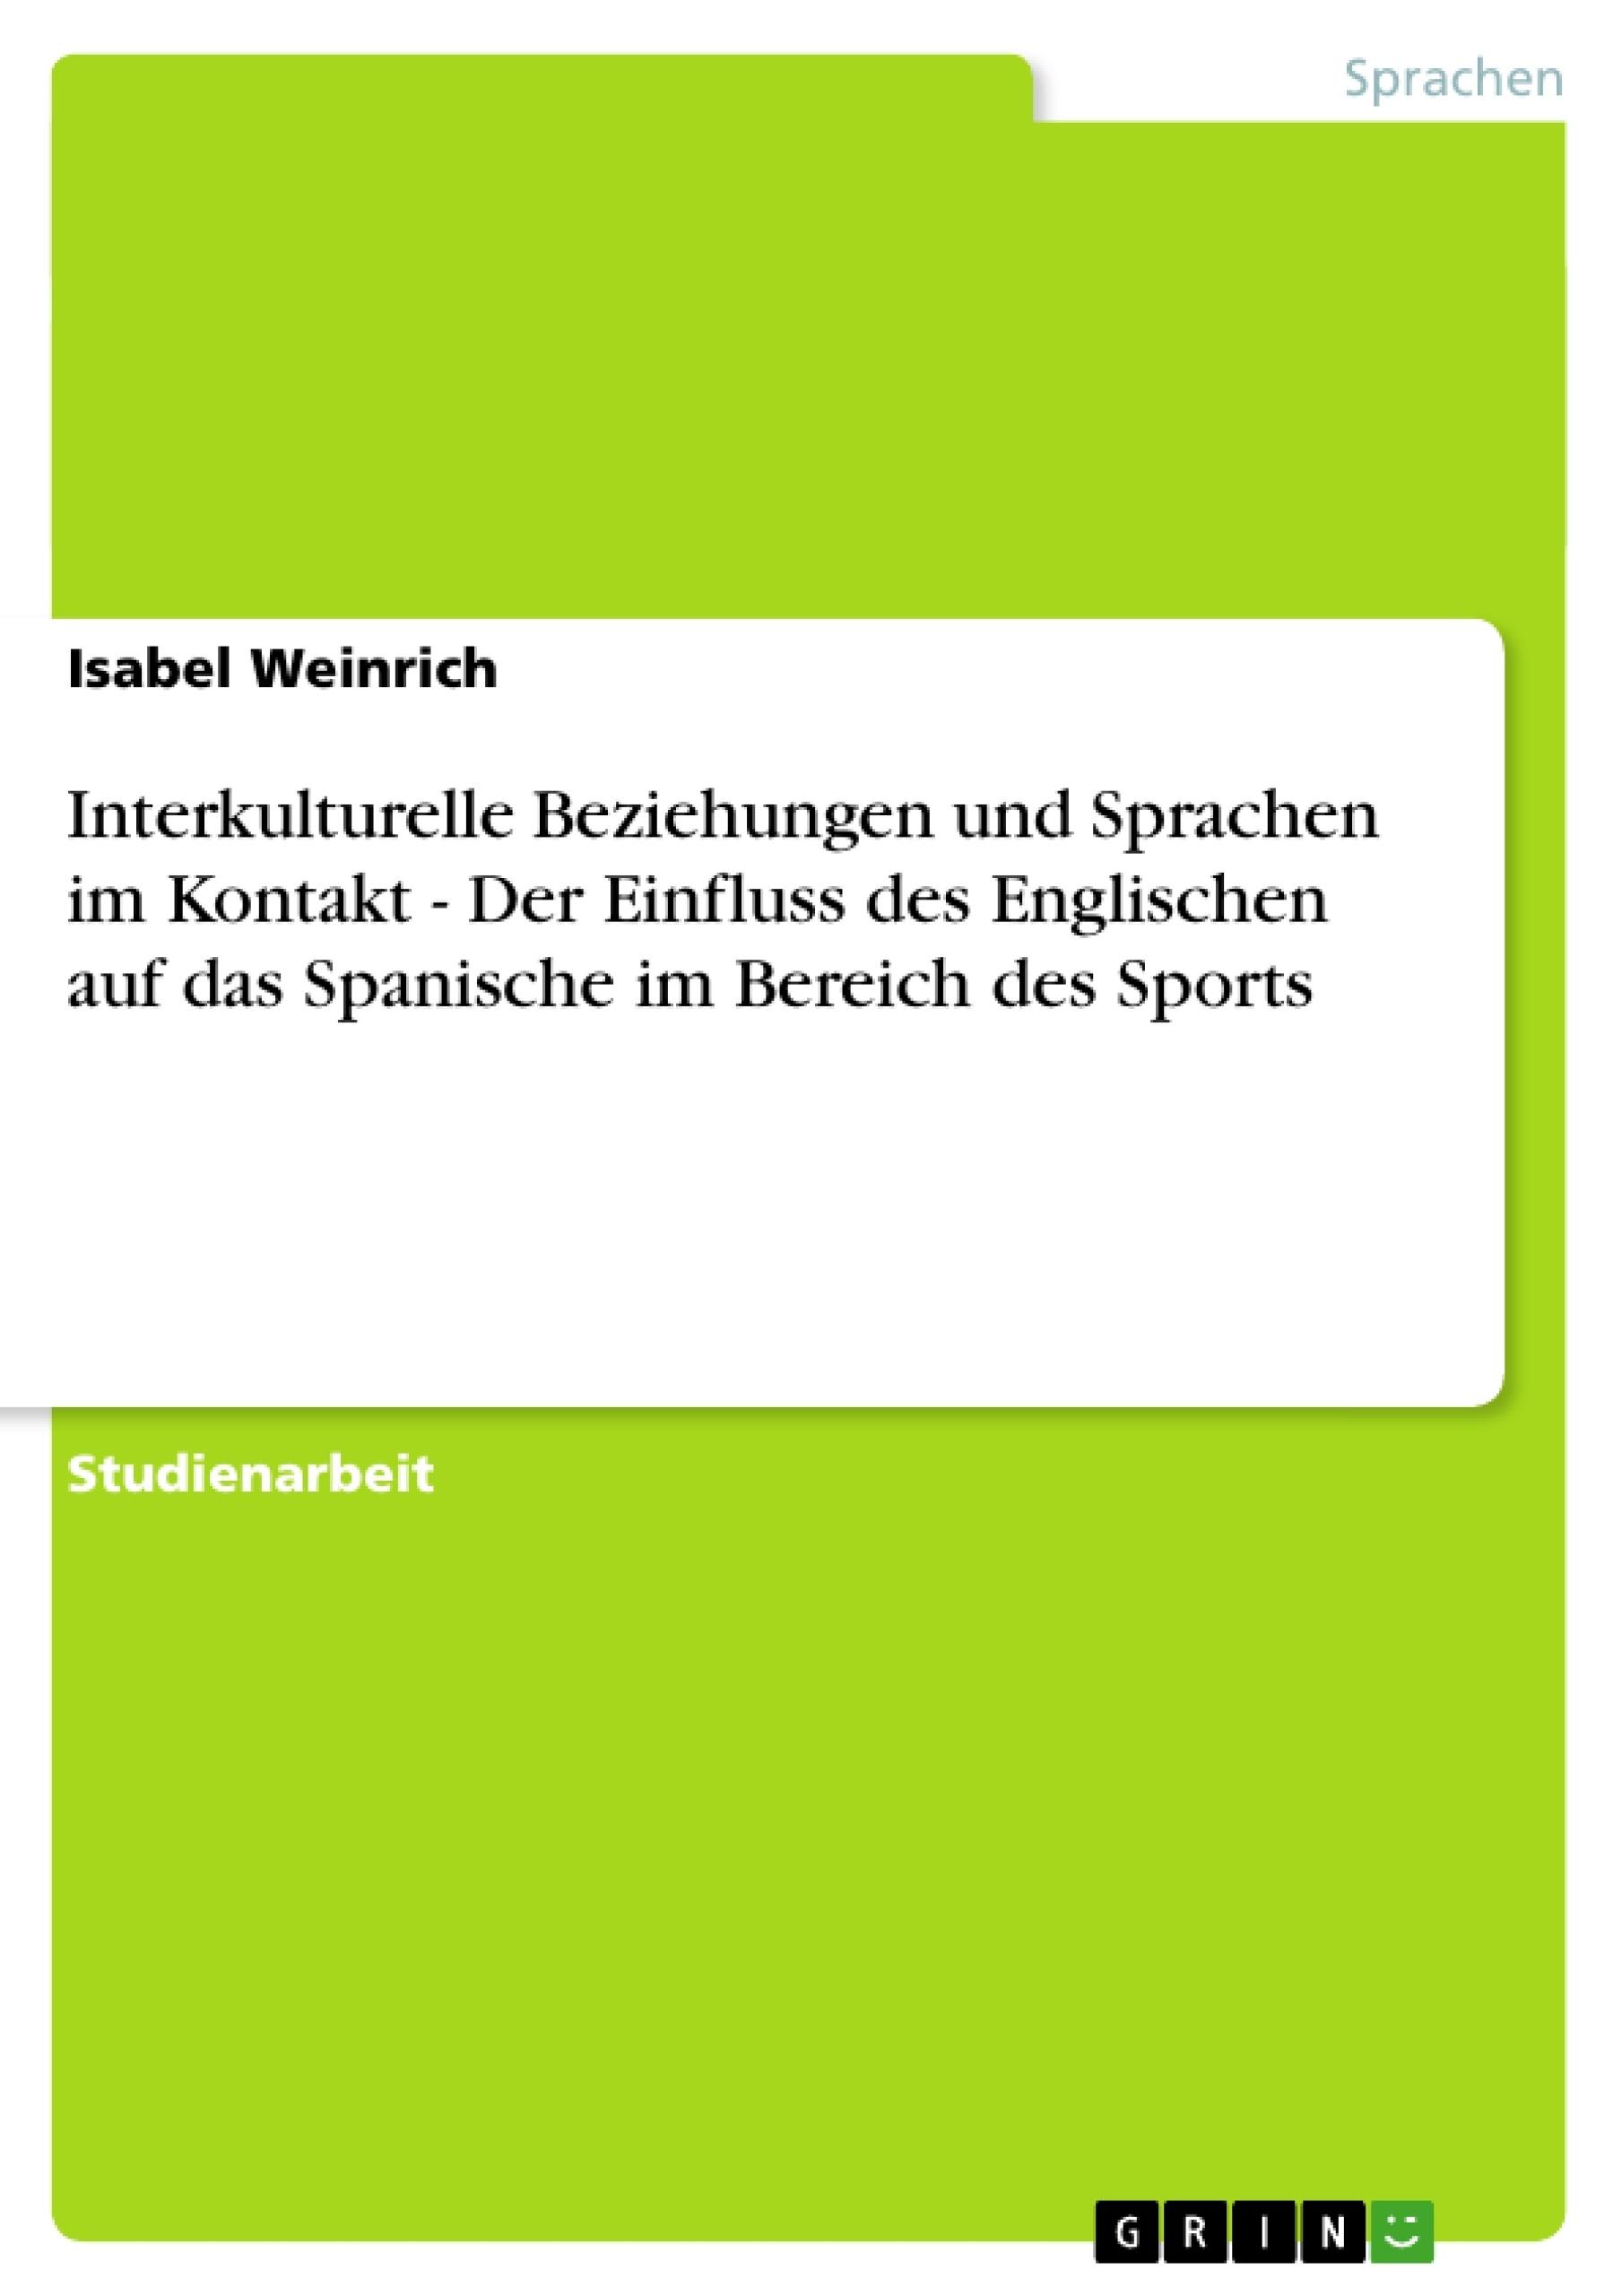 Titel: Interkulturelle Beziehungen und Sprachen im Kontakt  -  Der Einfluss des Englischen auf das Spanische im Bereich des Sports